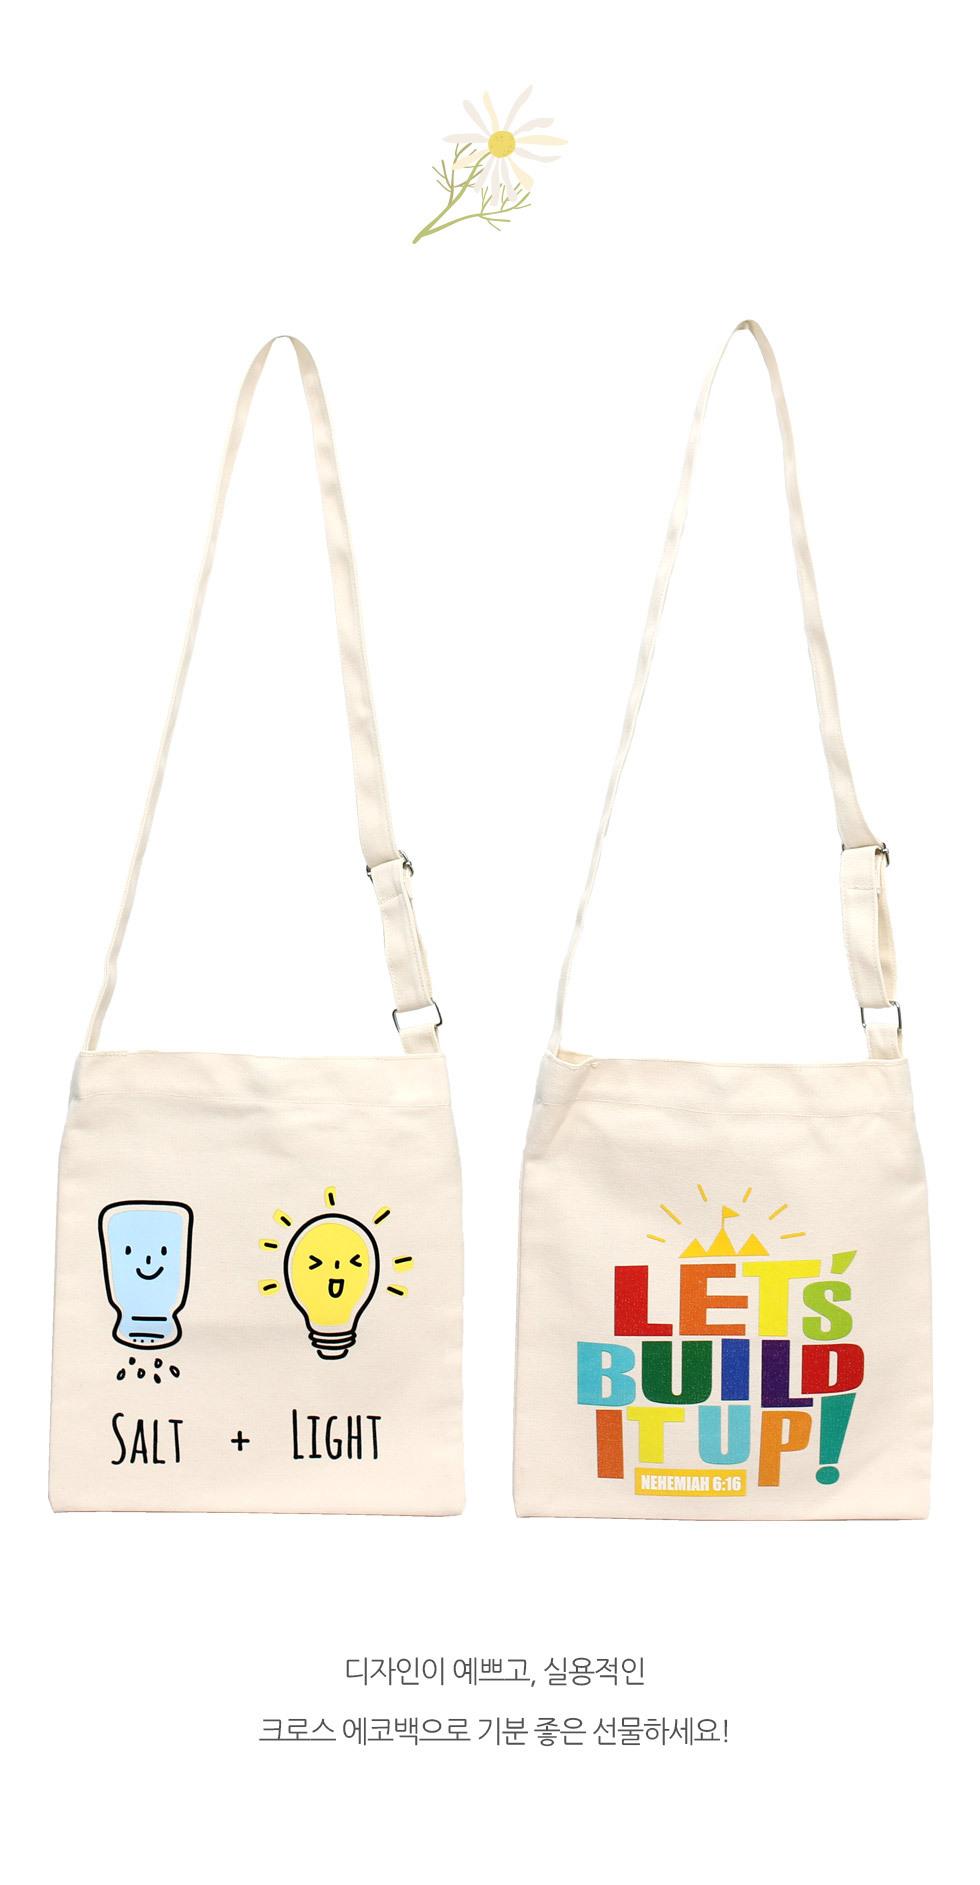 캔버스 크로스백 Salt+Light, Let's Build It Up (쏠트, 빌드) 크로스 에코백 교회가방 교회학교 단체가방 보조가방 디자인이 예쁘고 실용적인 메시지에코백